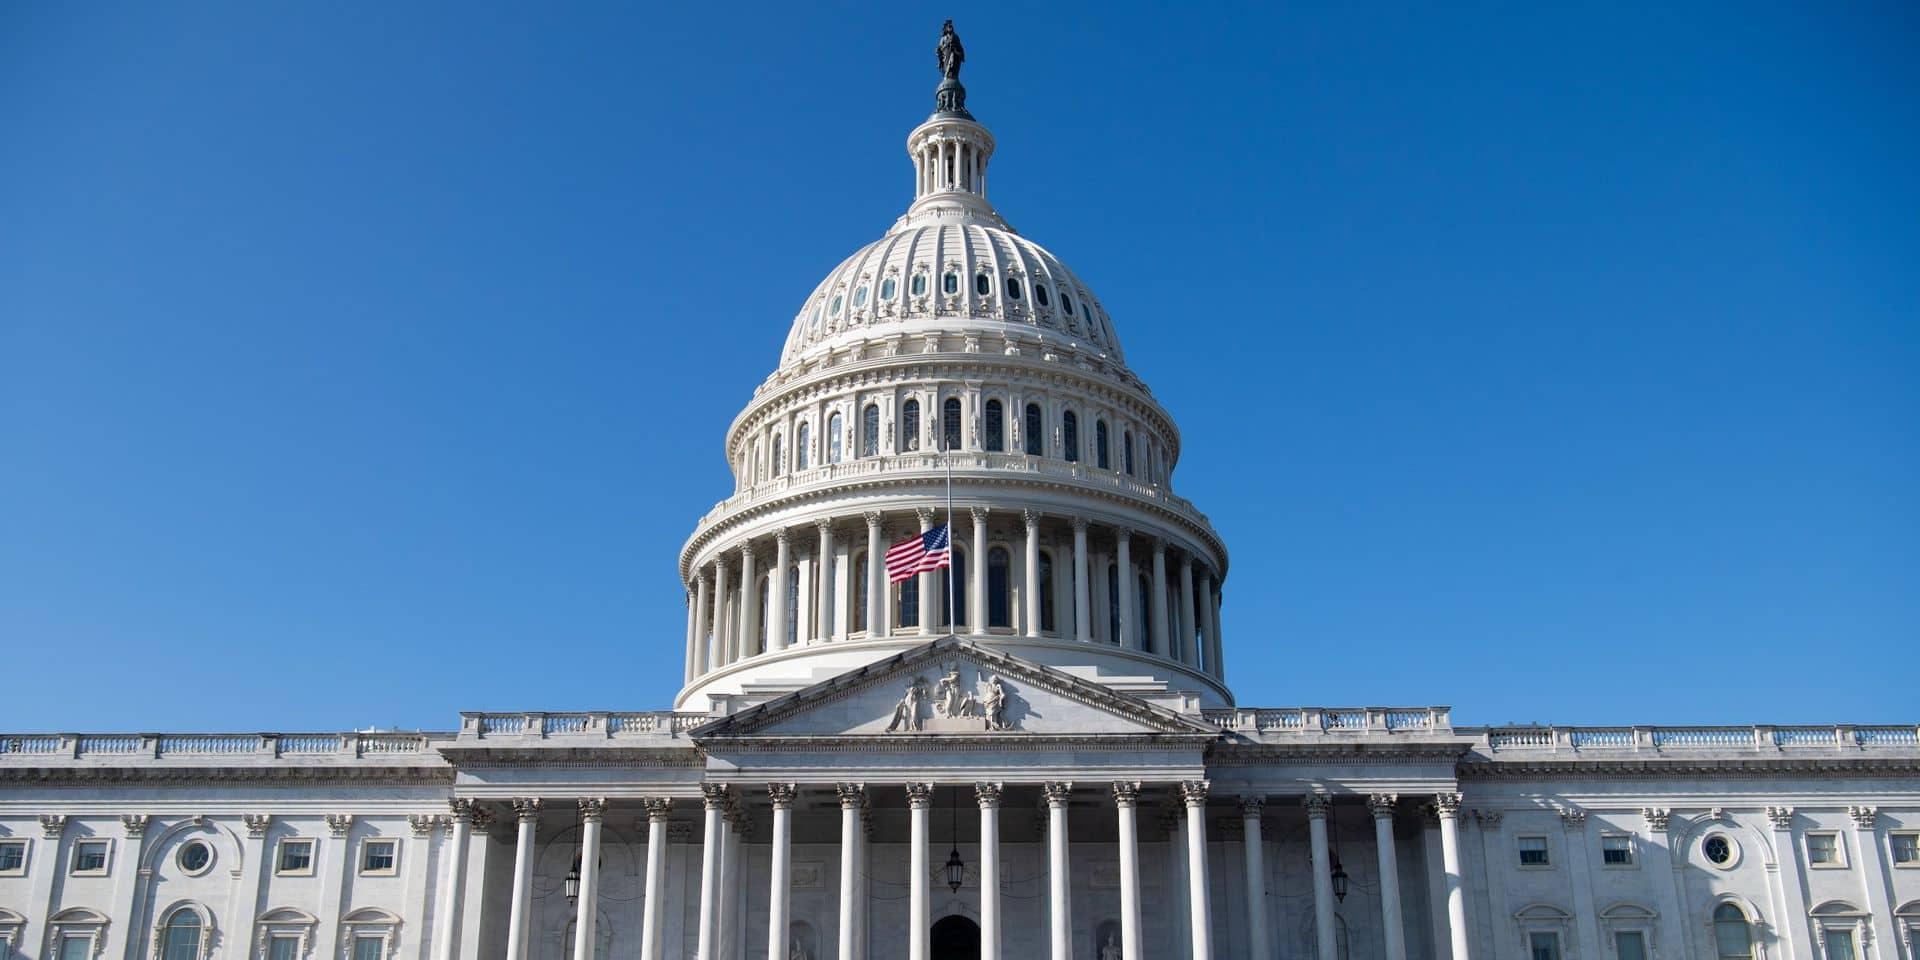 La police du Capitole informe les élus des potentiels risques à venir : trois menaces sous haute surveillance